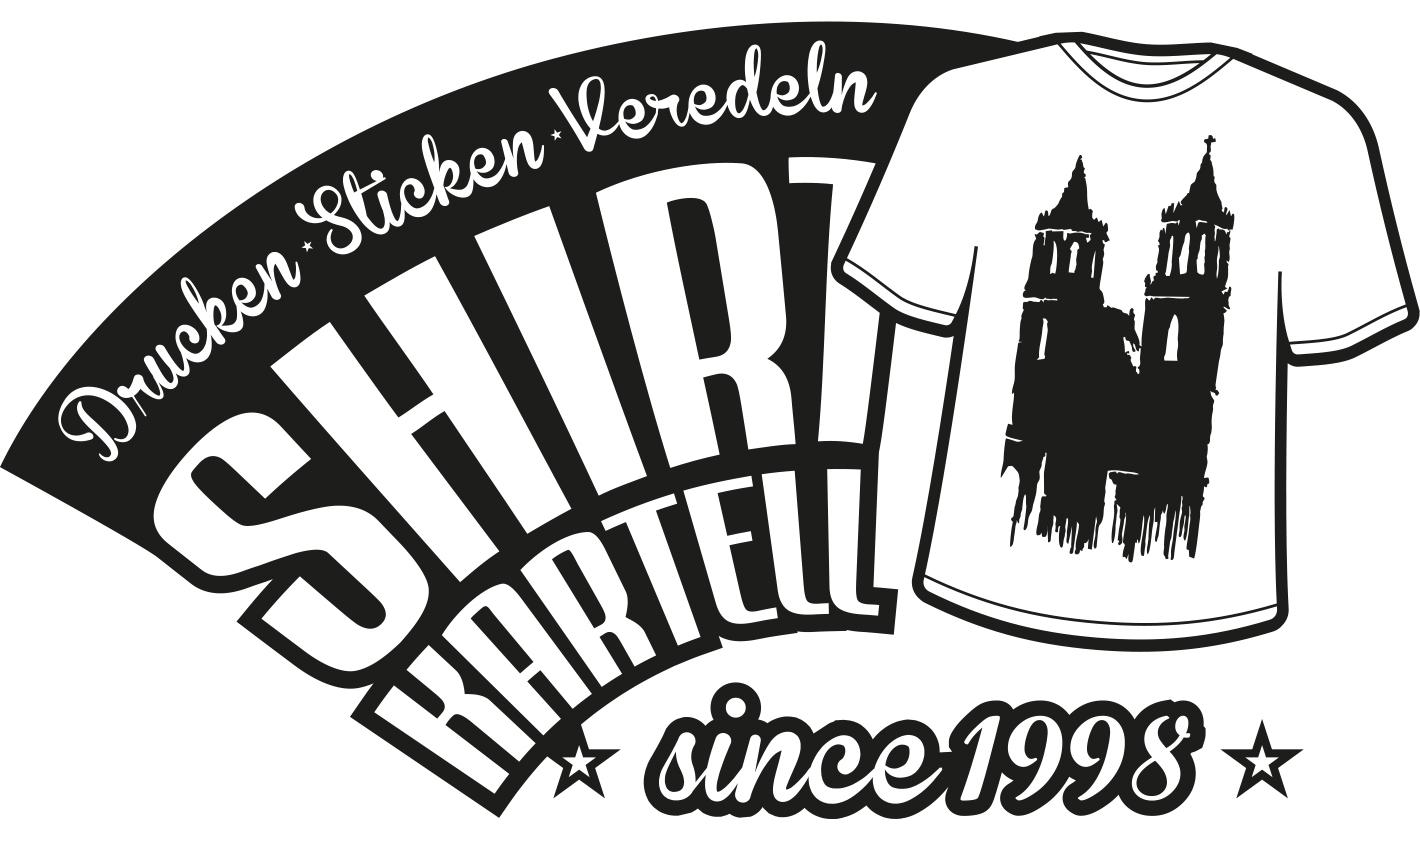 SHIRTKARTELL